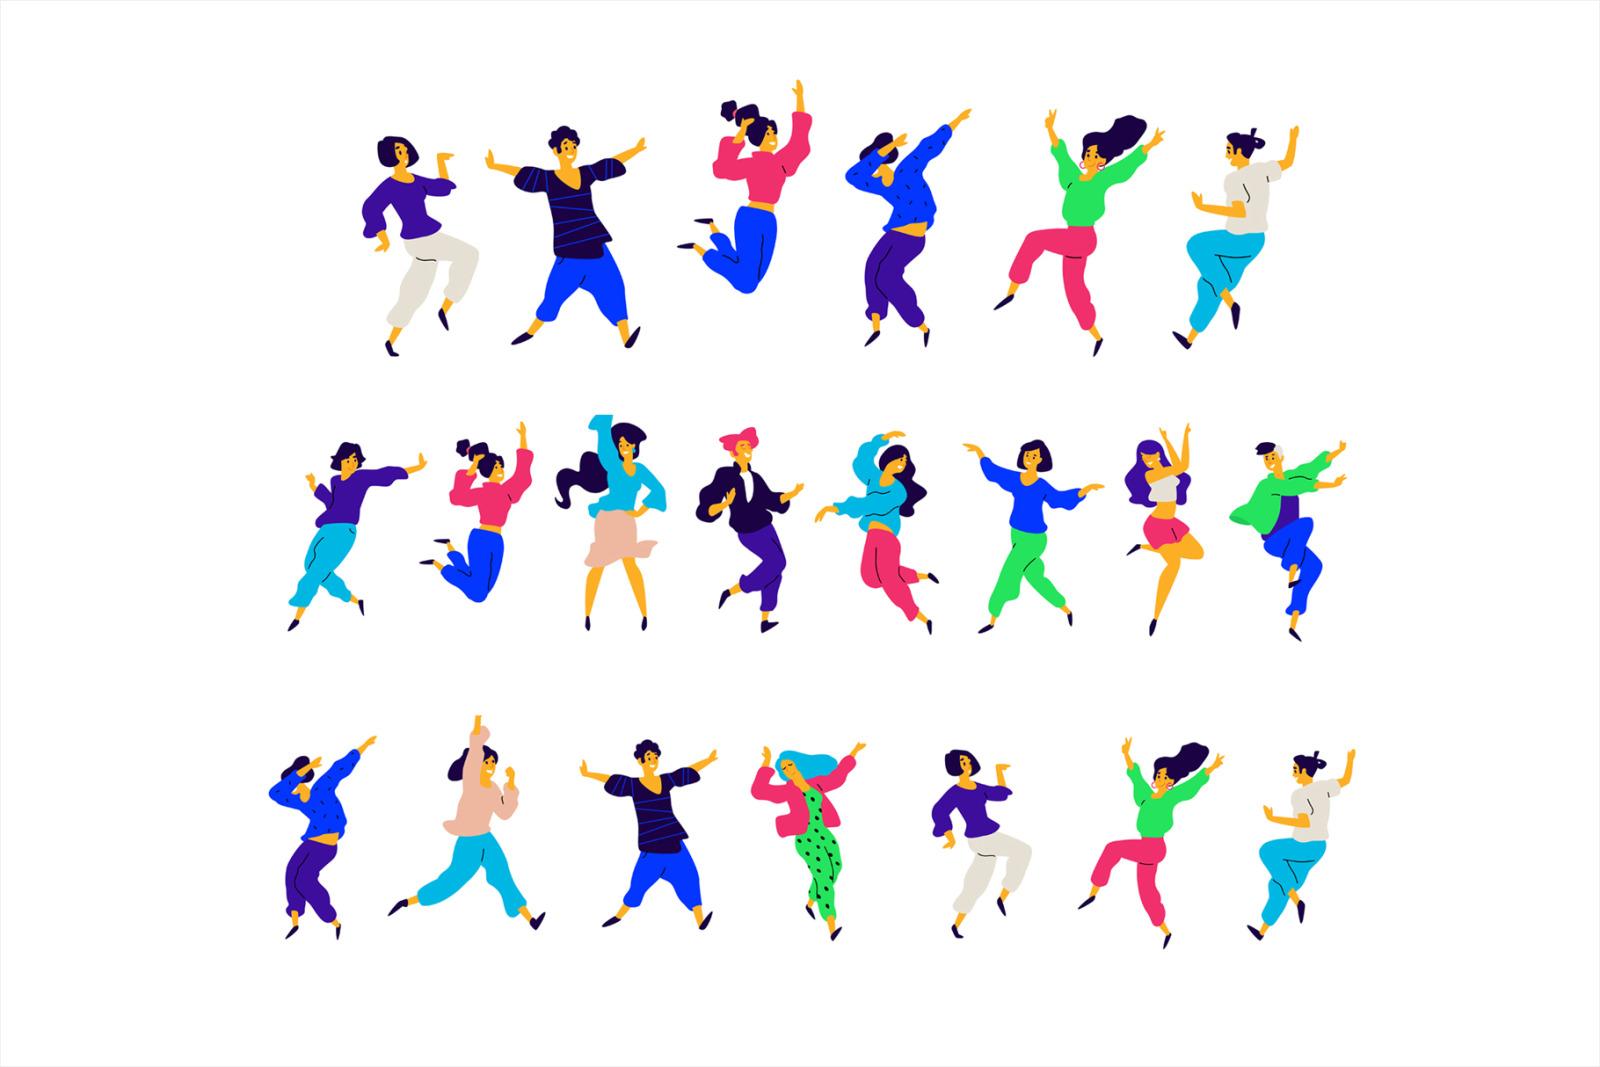 15 Dancing people